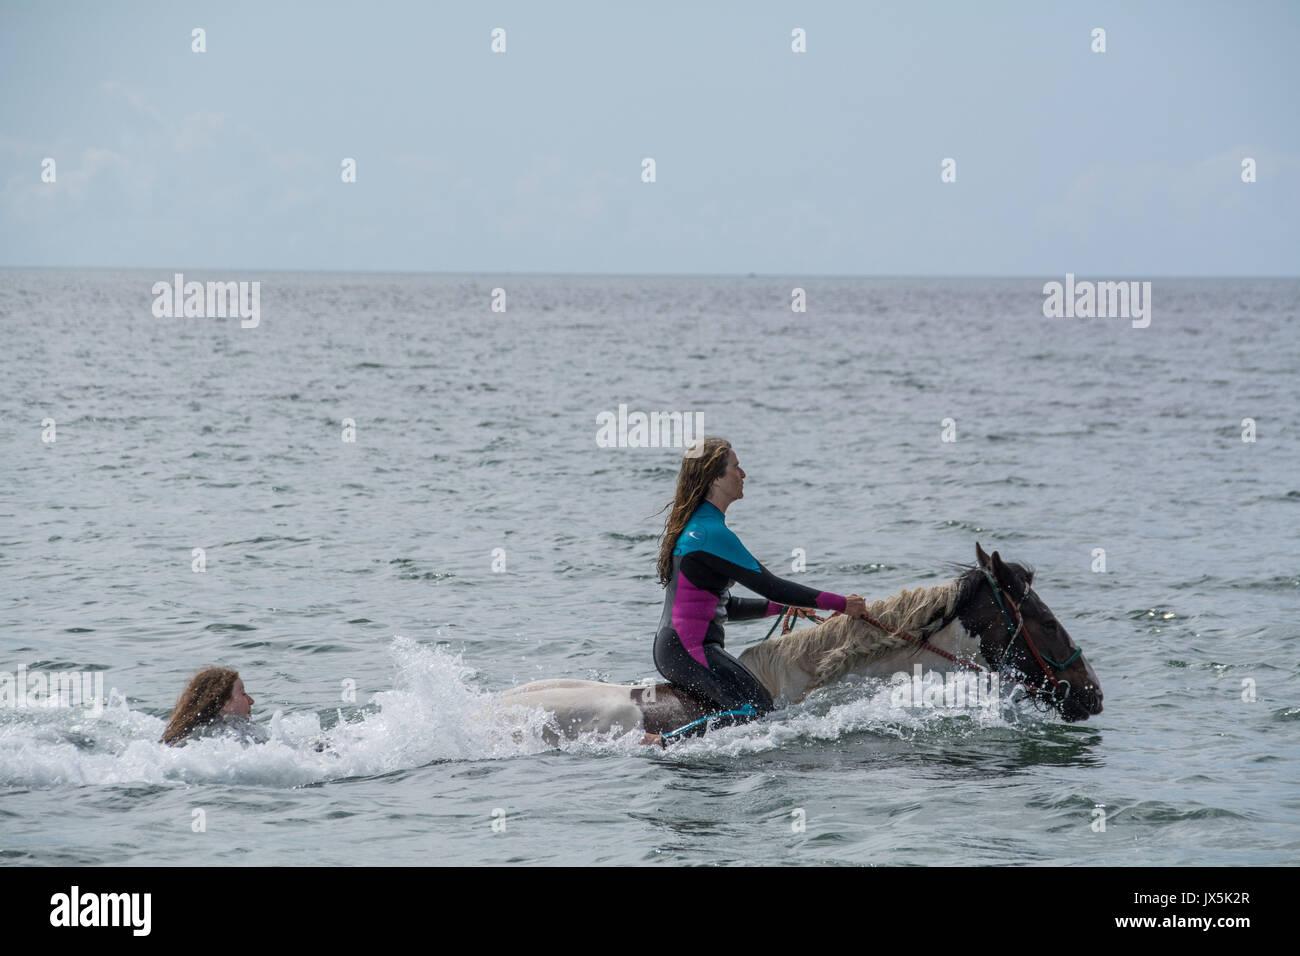 """Longrock, près de Marazion, Cornwall. 15 août 2017. Météo britannique. Le soleil est sorti cet après-midi dans le sud-ouest de Cornwall. Dans Mounts Bay personnes nageaient sur les chevaux, y compris Mea Sucato qui ont piloté de New York à Cornwall en particulier pour un anniversaire traiter d'aller dans les eaux au large de Long rock, en face de l'emblématique St Michaels Mount. Mea vu ici étant """"remorqué"""" derrière l'un des chevaux. Crédit: Simon Maycock/Alamy Live News Photo Stock"""